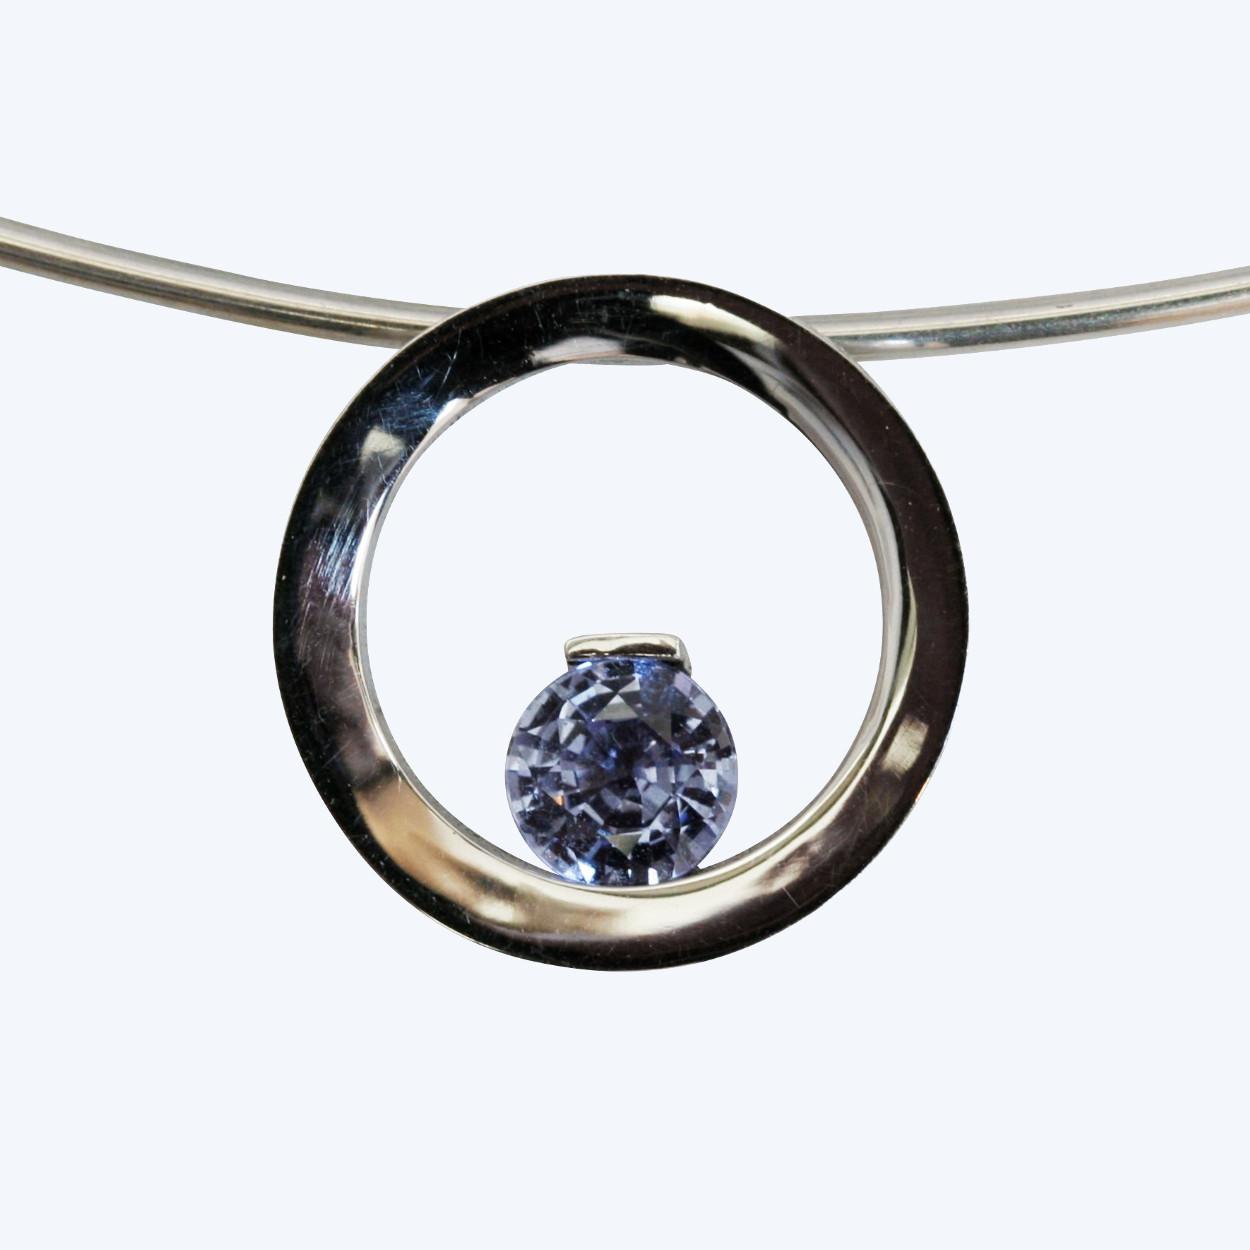 Blue sapphire circle - Colliers - Edelsmederij puur & pracht Helvoirt